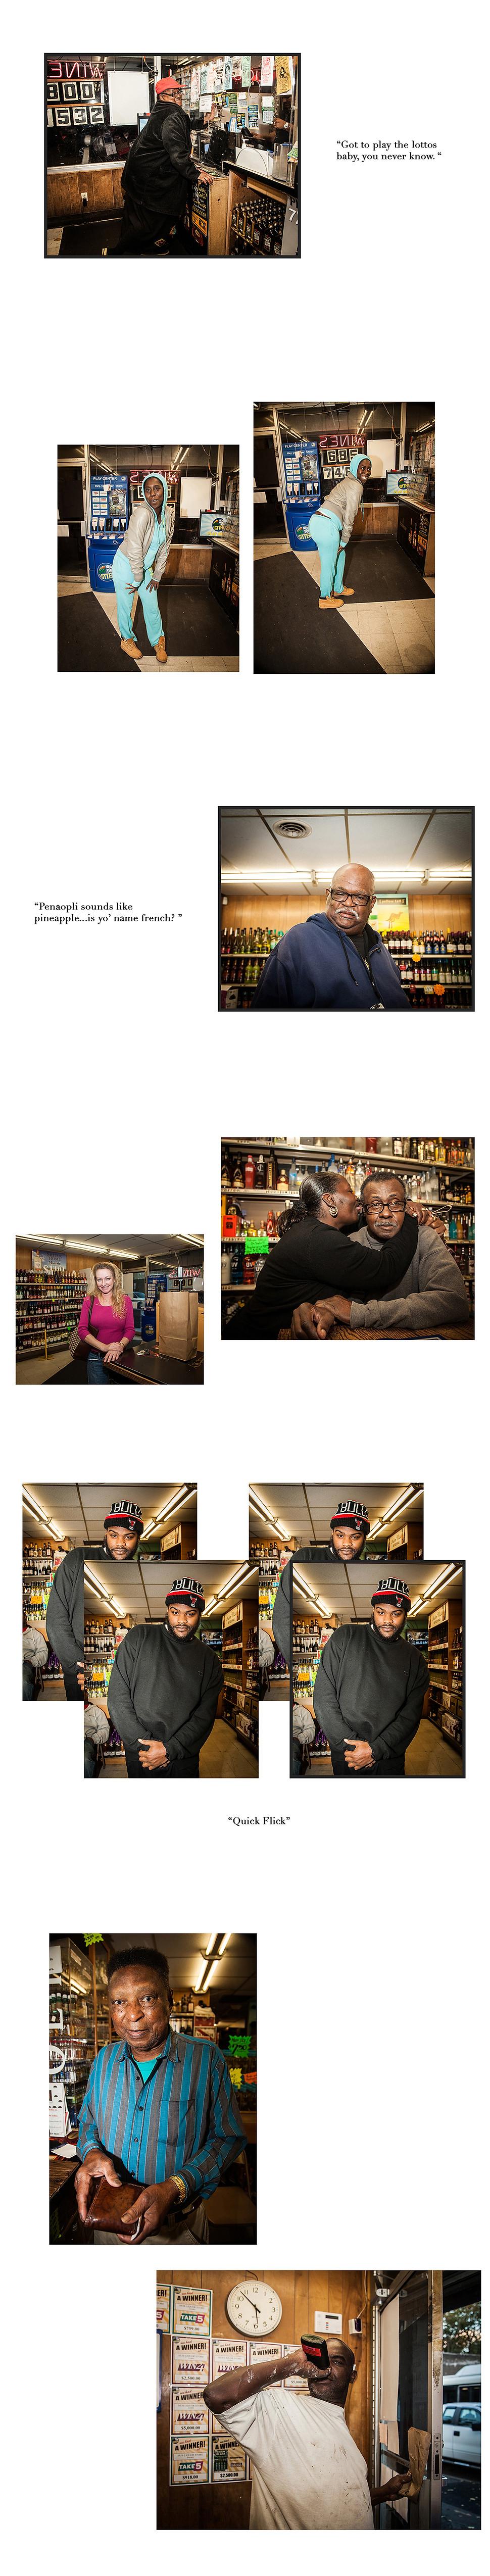 Hubs-Liquor_p1.jpg